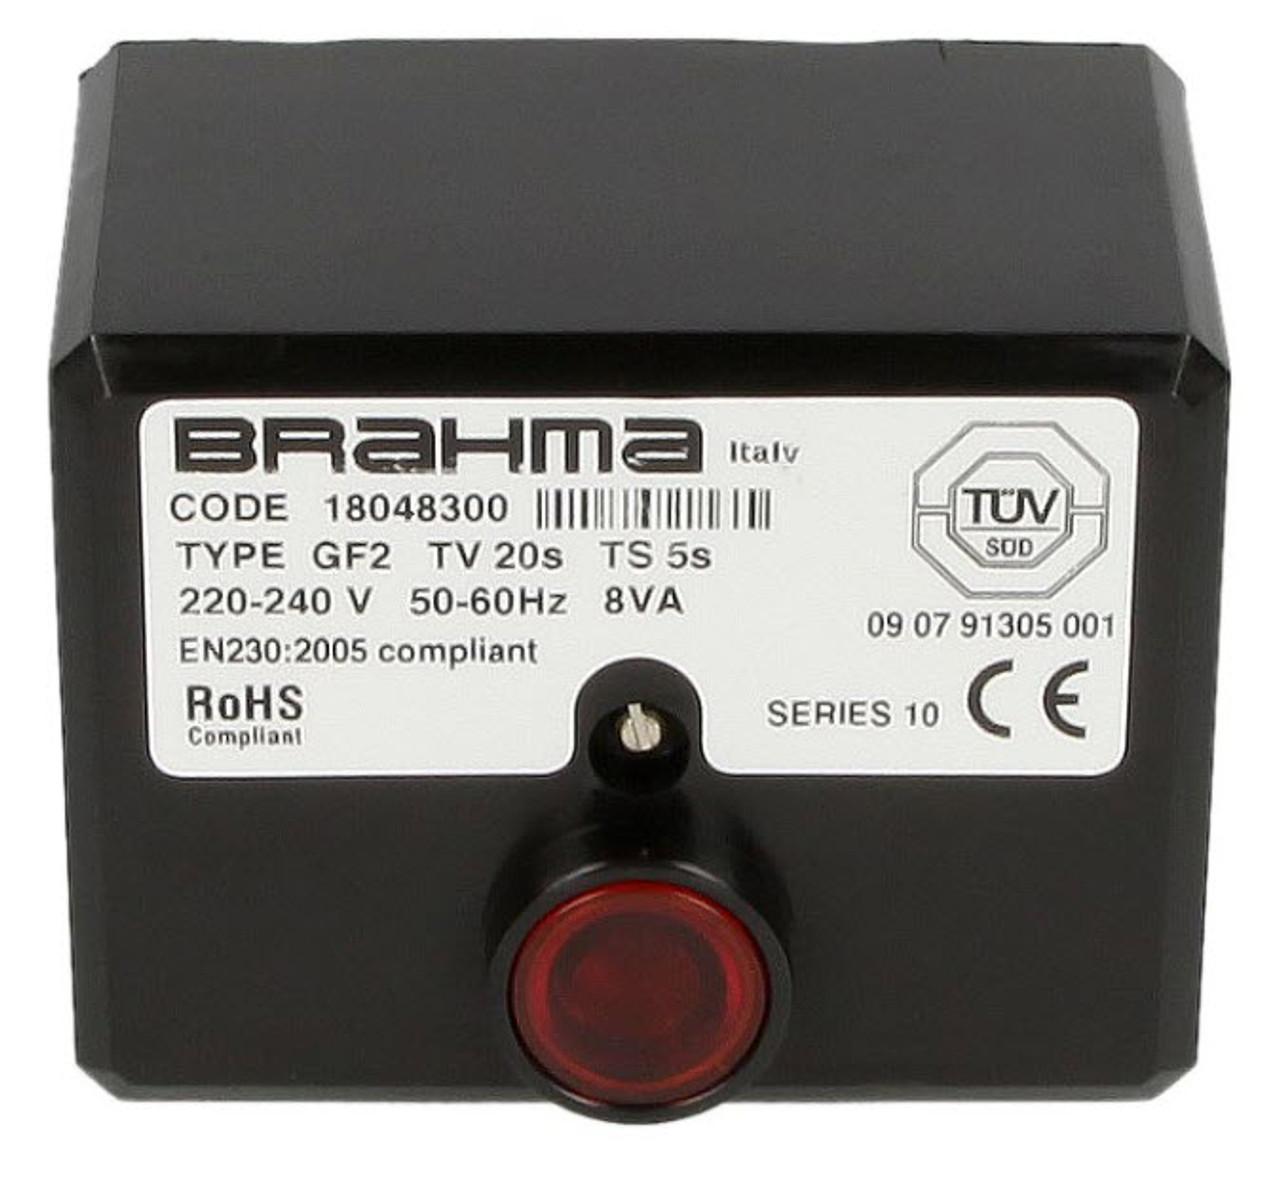 Gas burner control unit Brahma GF3S03, 18048300